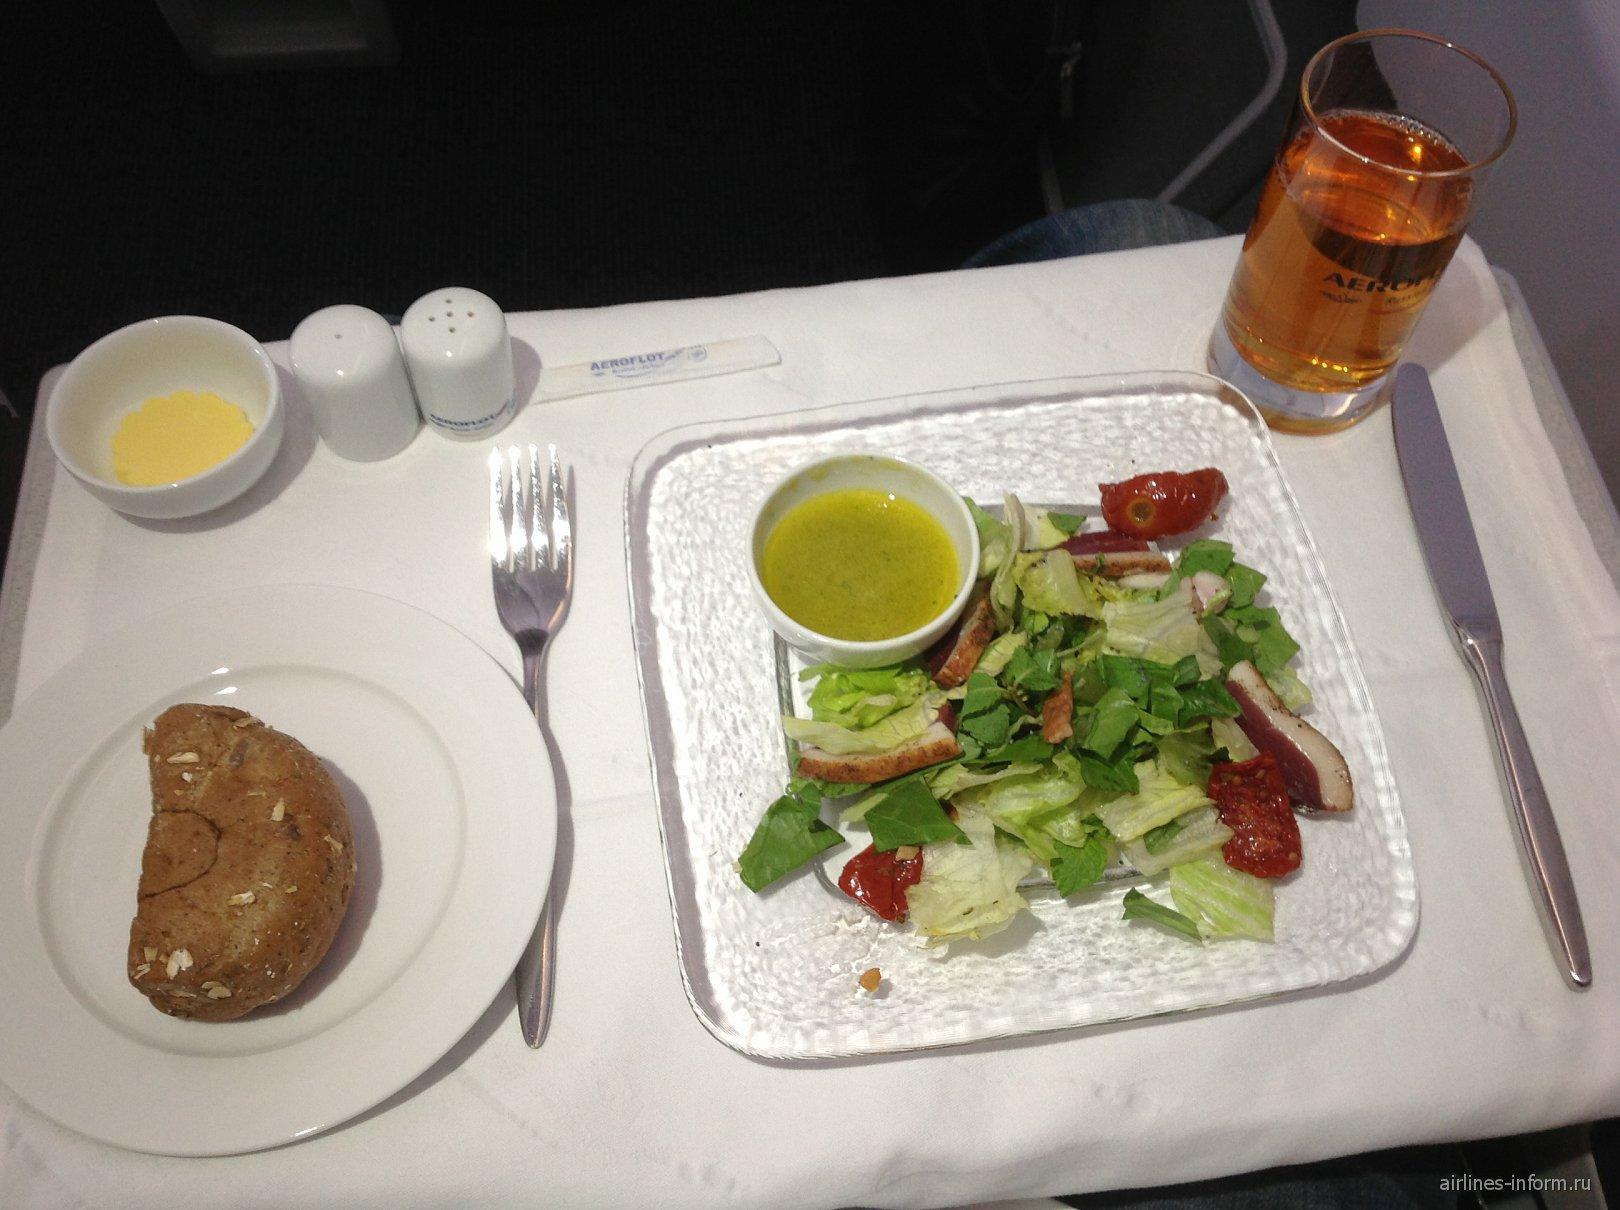 Питание в бизнес-классе на рейсе авиакомпании Аэрофлот Москва-Хабаровск